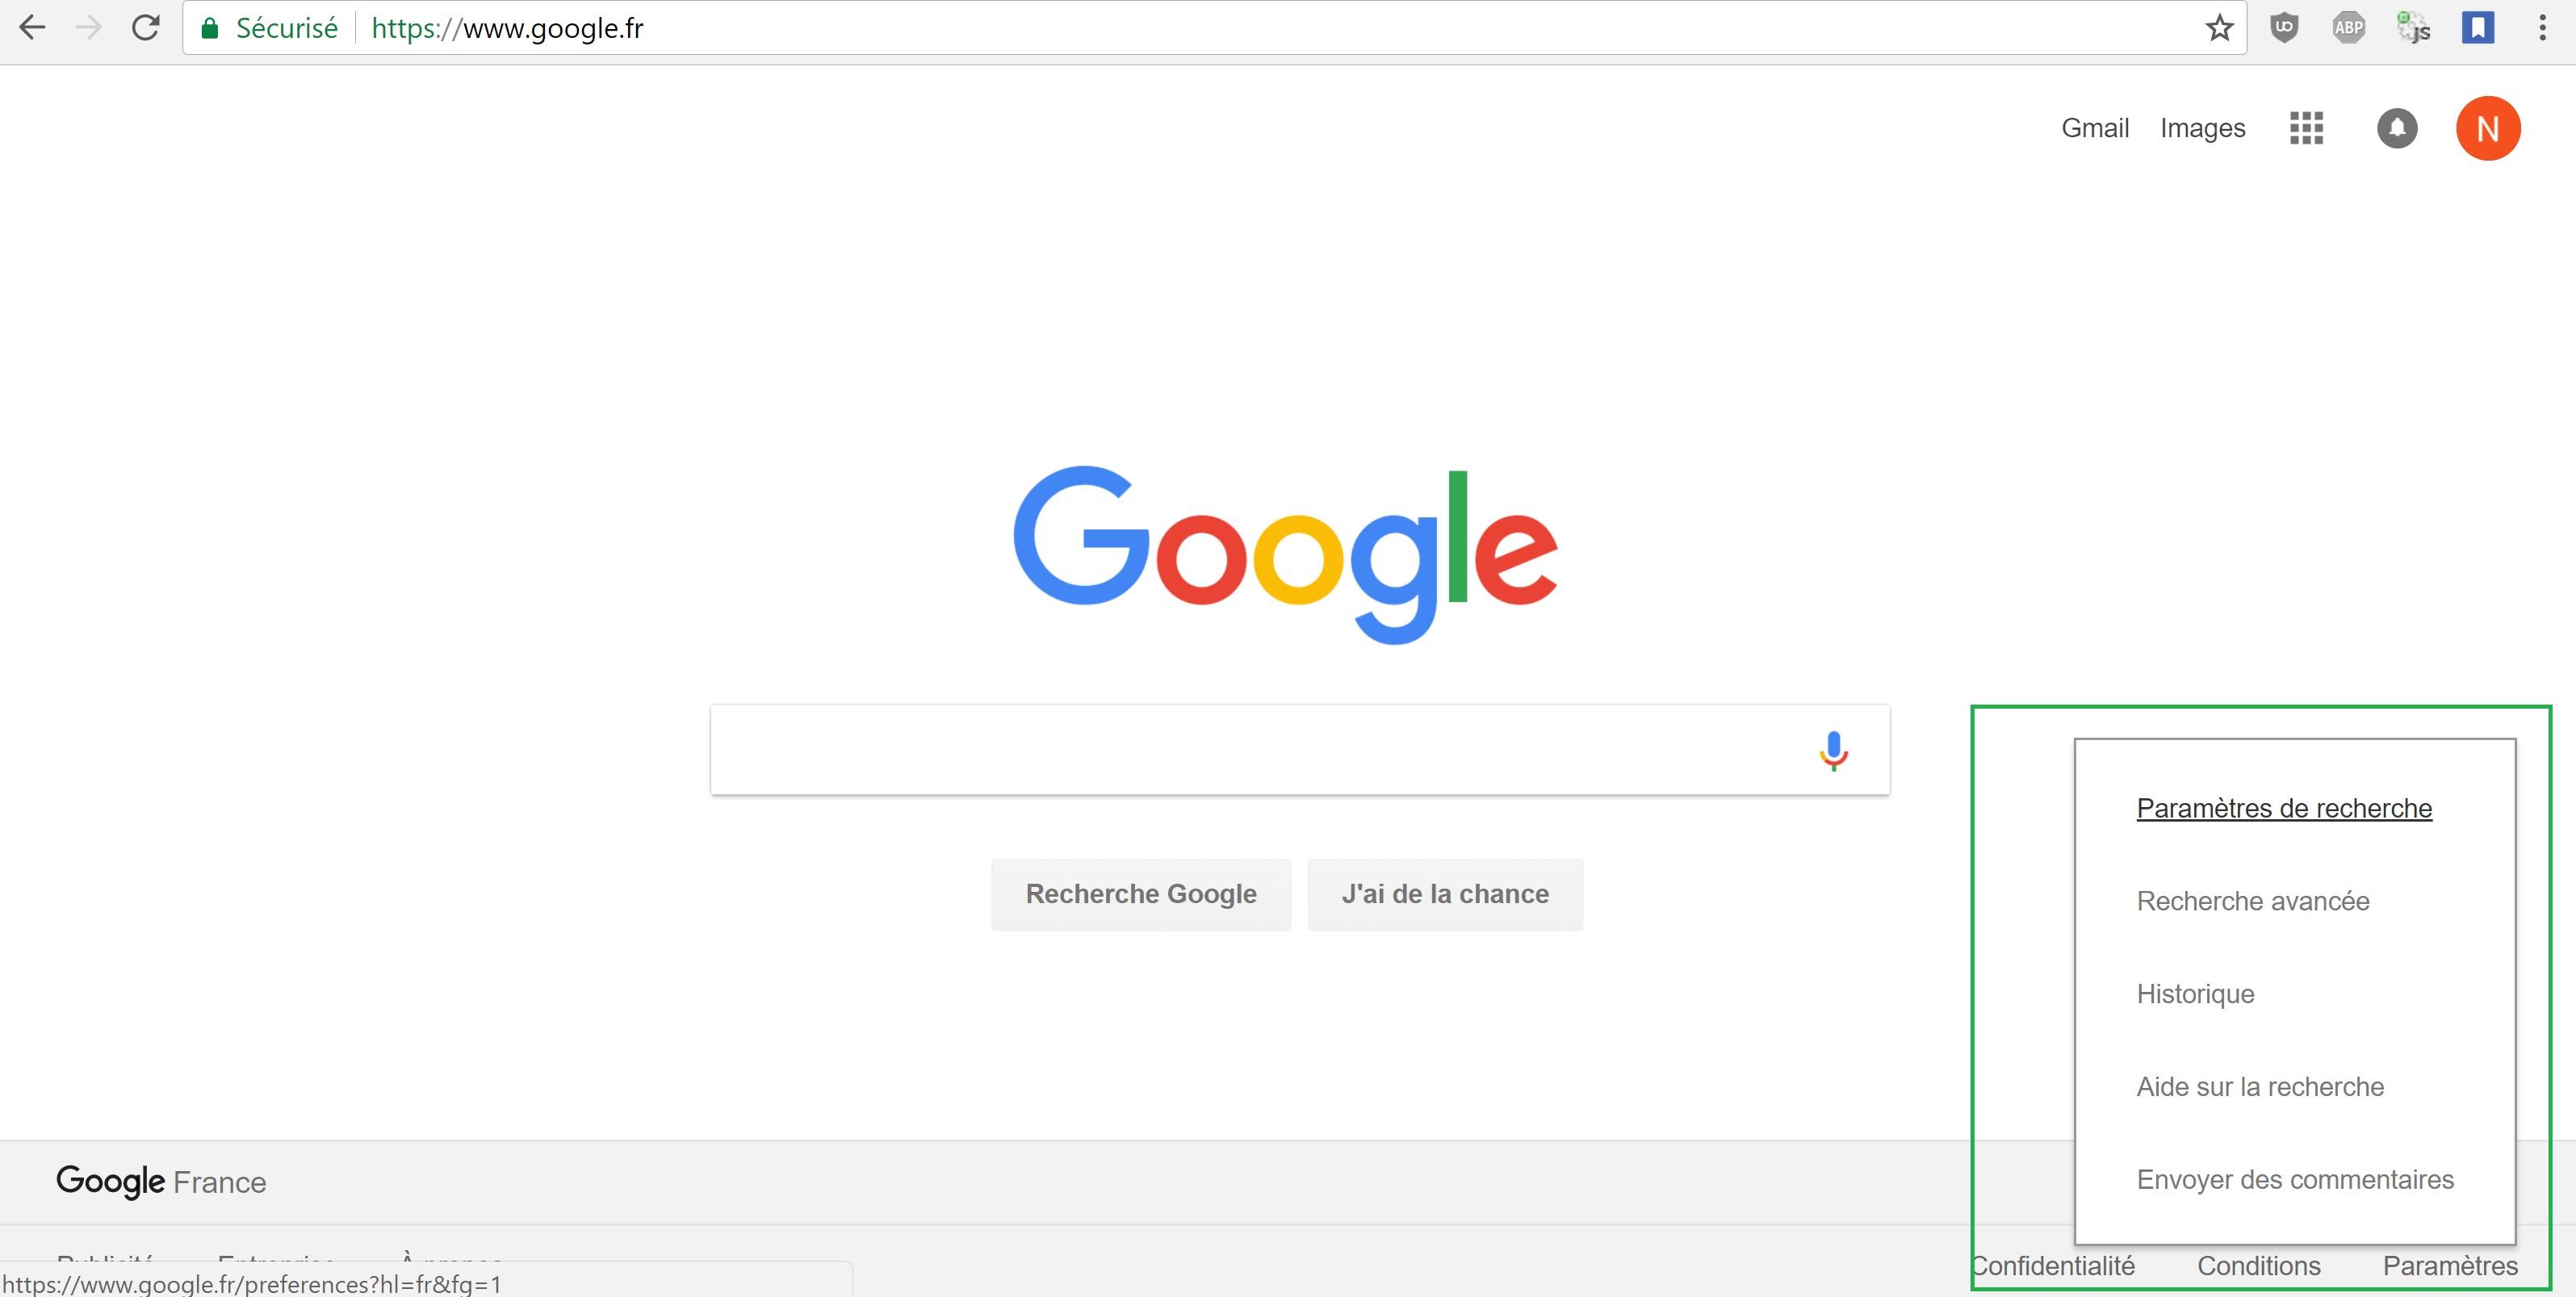 Changer de langue sur Google.fr